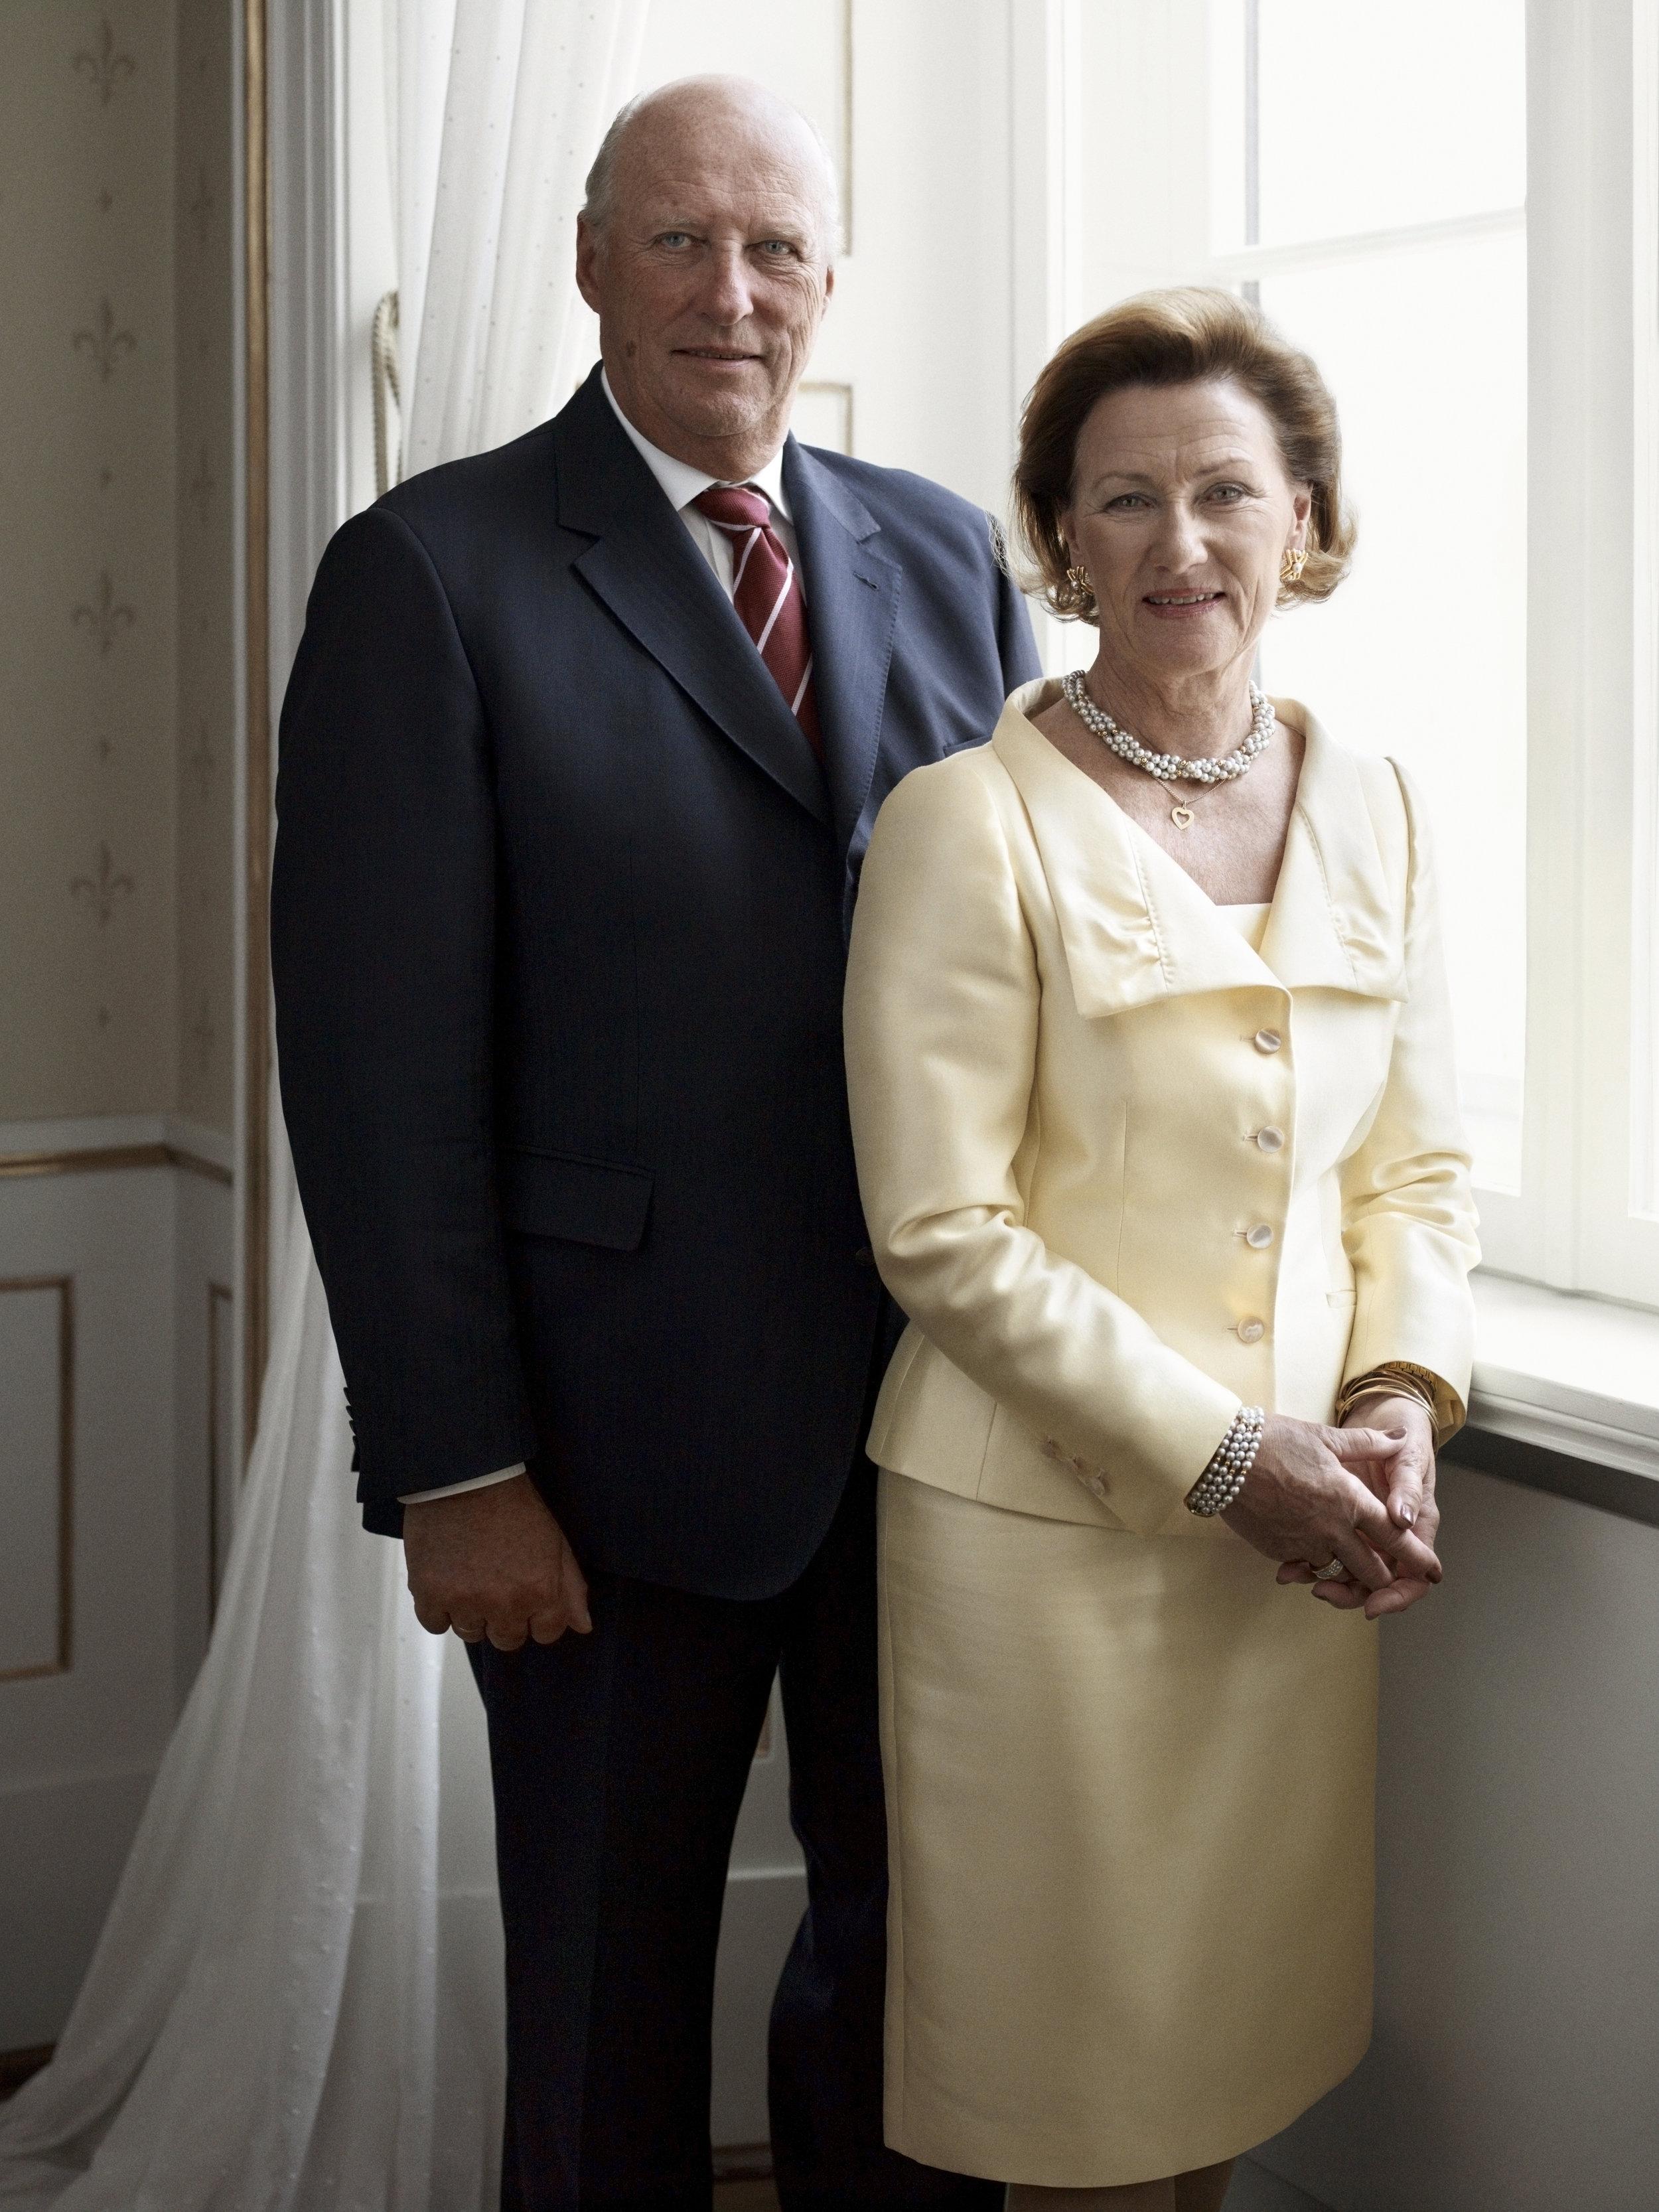 König Harald und Königin Sonja feiern bald ihre goldene Hochzeit in der Osloer Kathedrale.  ©Sølve Sundsbø / Det kongelige hoff.